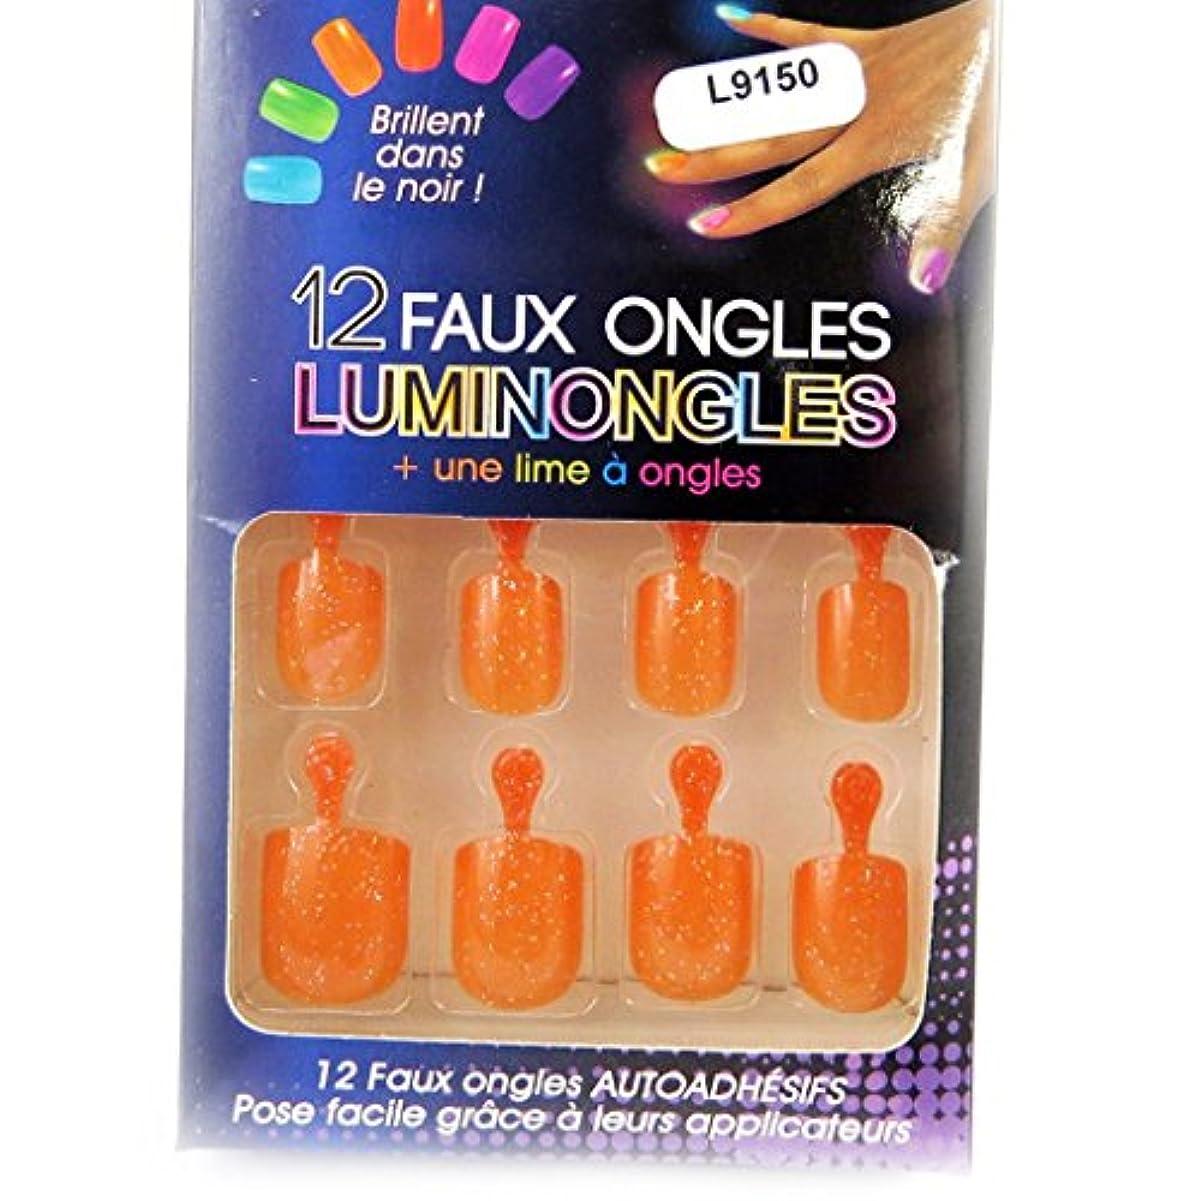 [リリーの宝 (Les Tresors De Lily)] (Luminongles コレクション) [L9150] アクリルスカルプチュア オレンジ